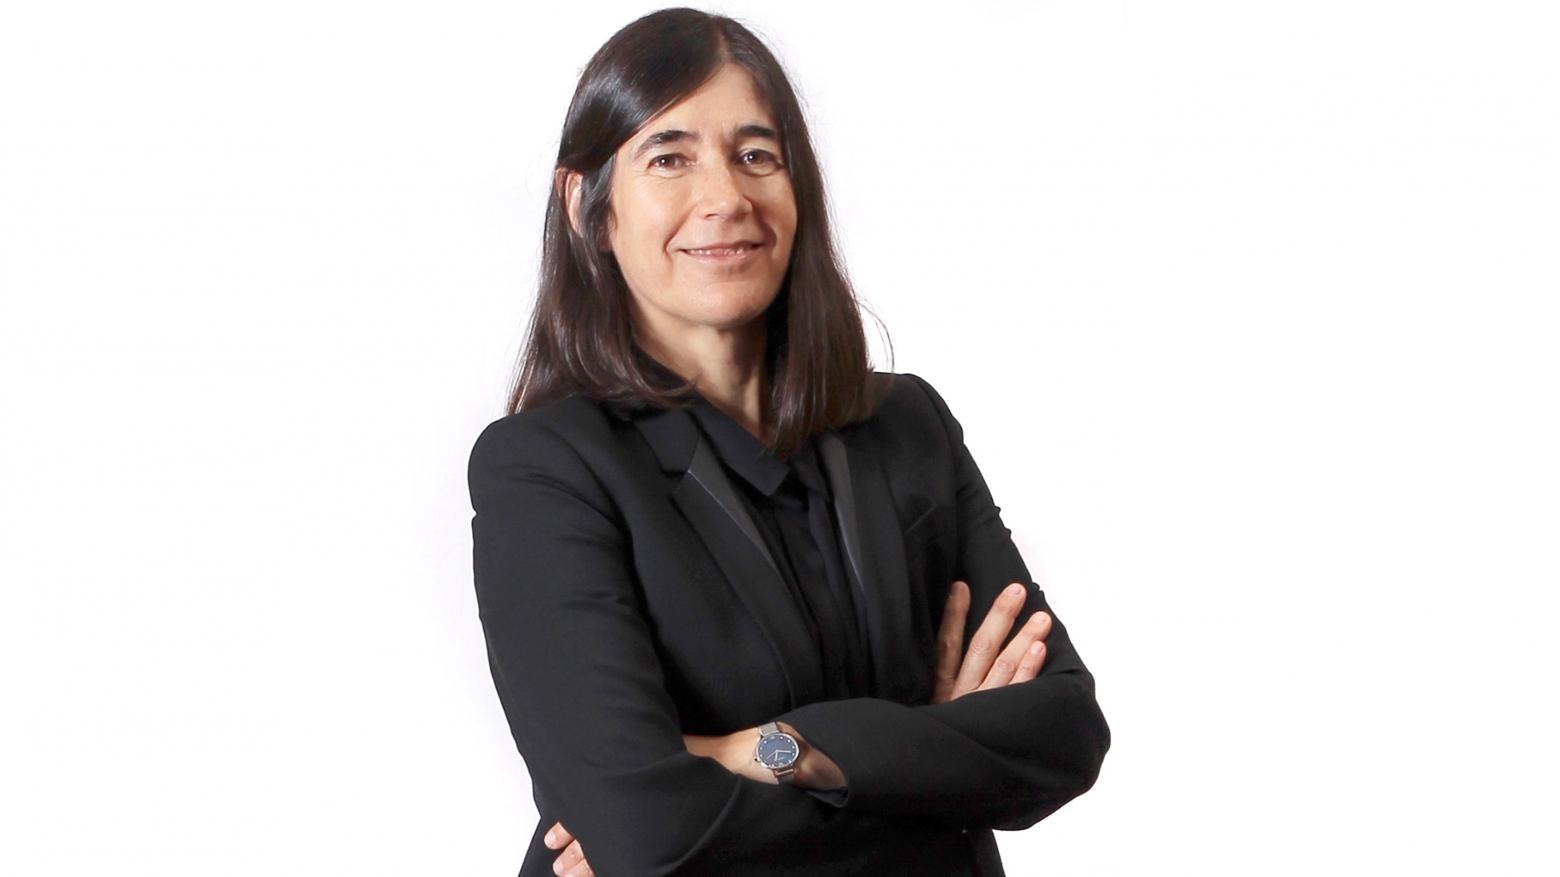 María Blasco durante una entrevista a El País Semanal.